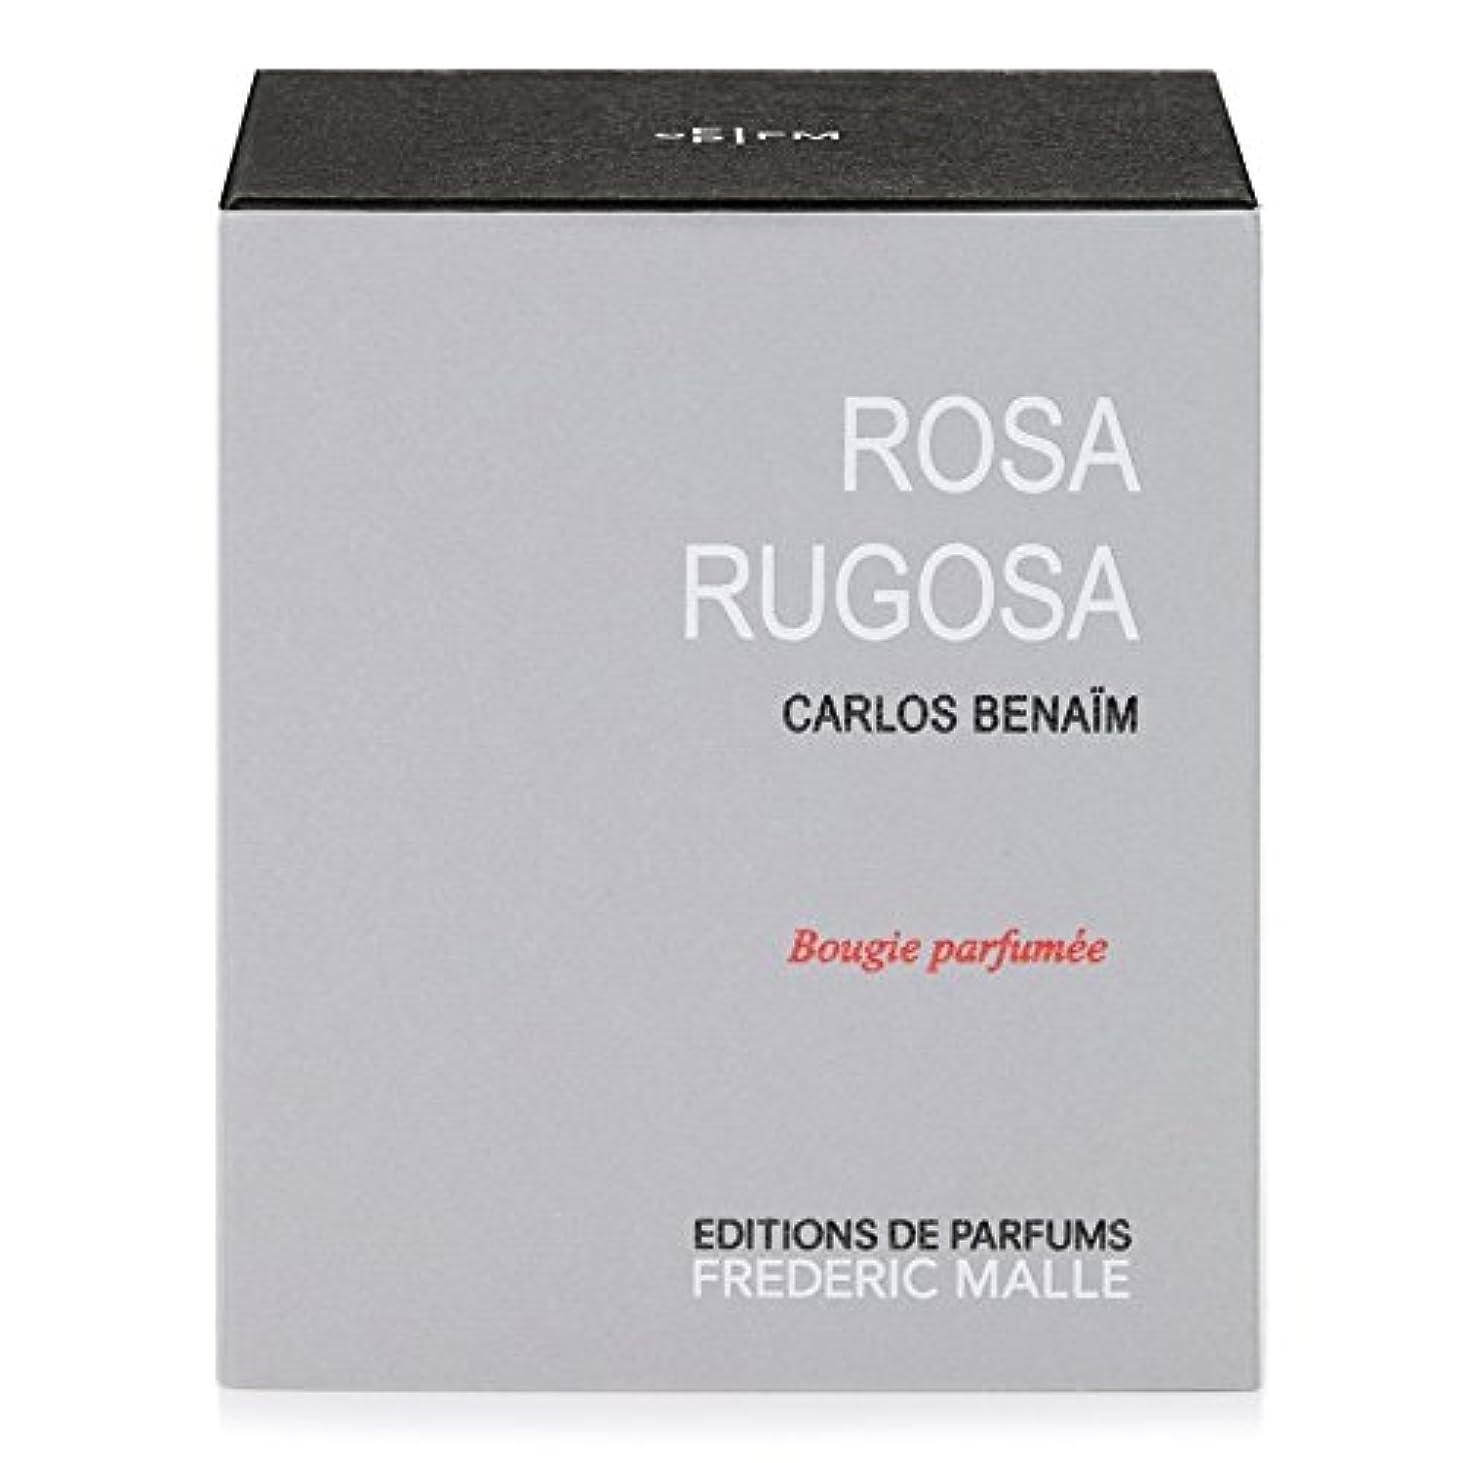 鎖ブレス代わりにを立てるフレデリック?マルハマナスの香りのキャンドル x6 - Frederic Malle Rosa Rugosa Scented Candle (Pack of 6) [並行輸入品]